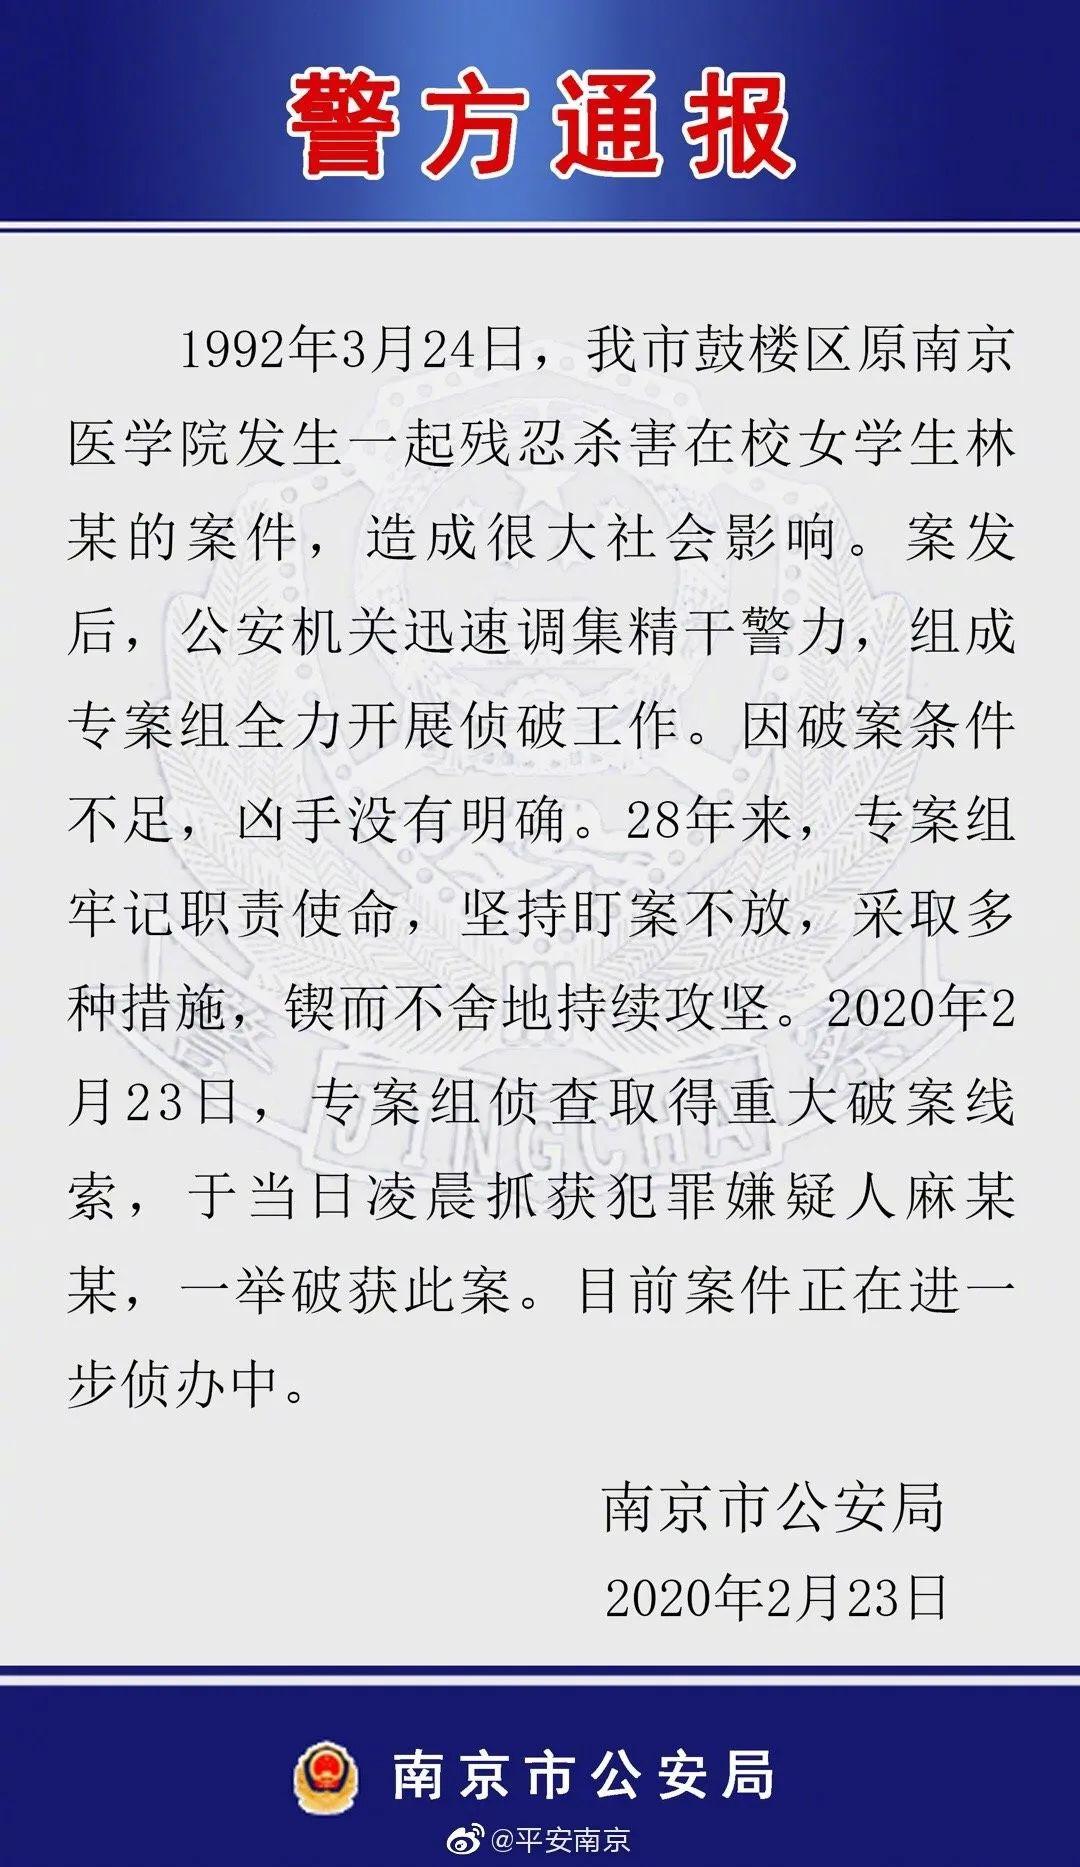 吴曦或加盟恒大超过百万网友参与讨论了这件事情